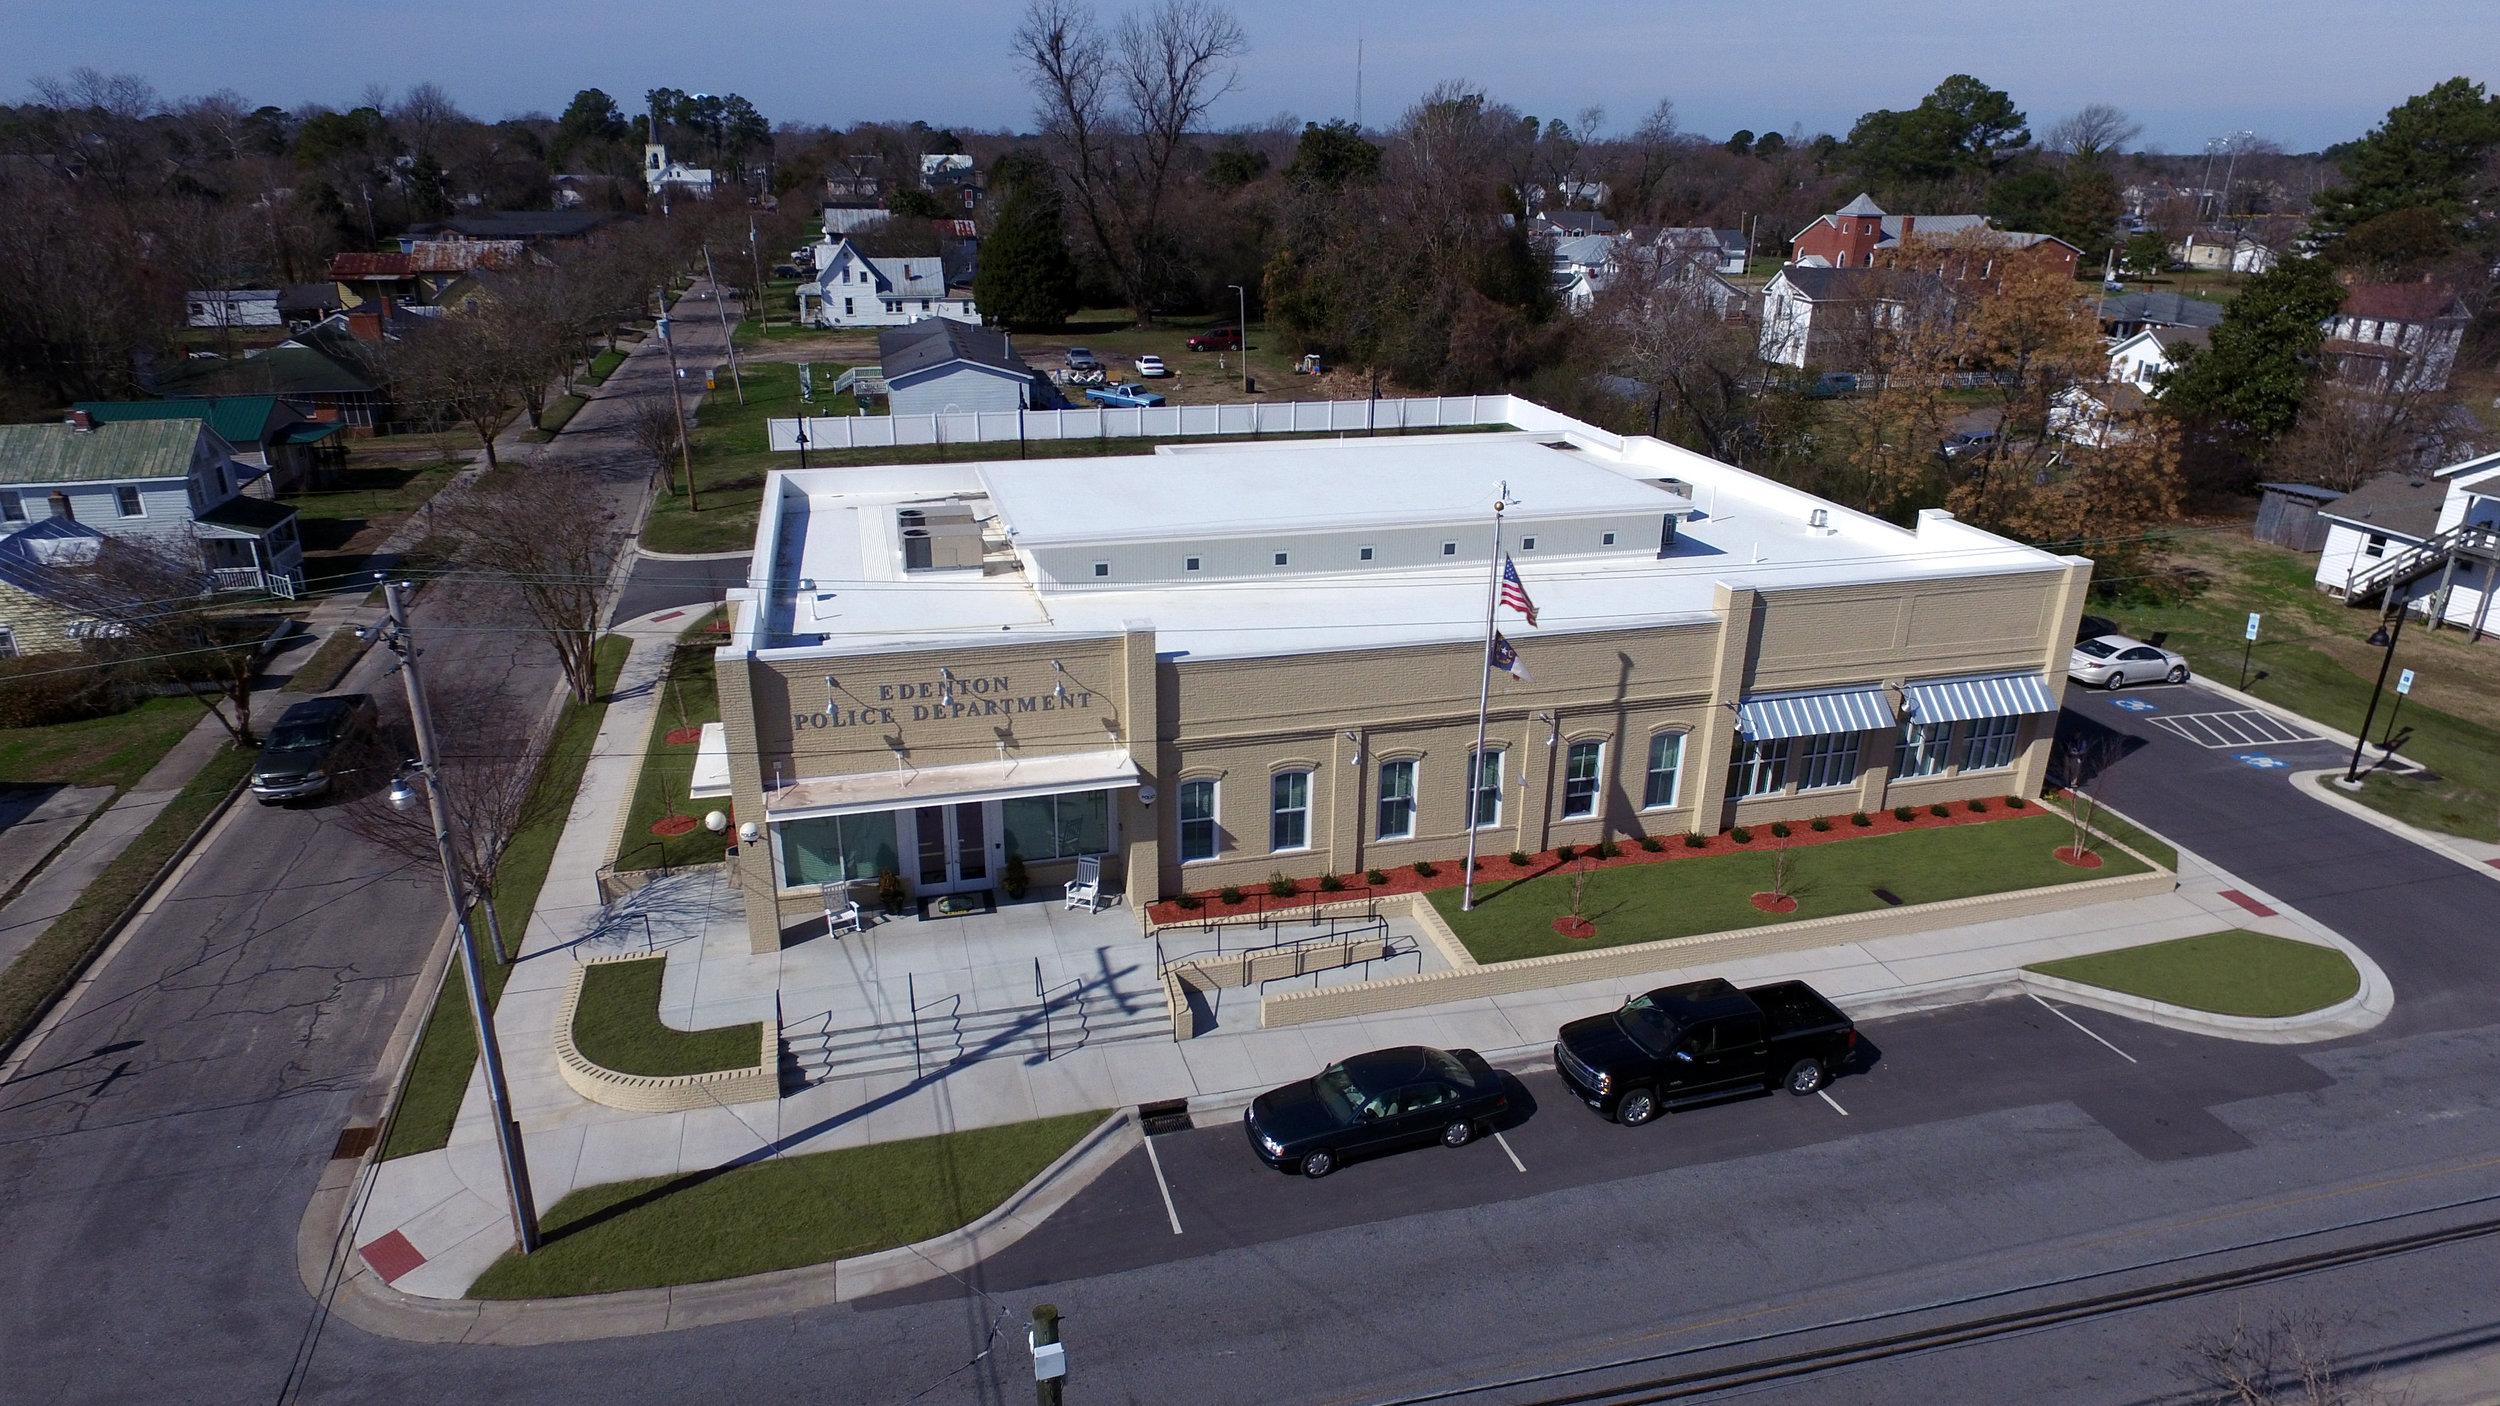 Pic08 Edenton Police Station aerial 2018-02-16 g.jpg